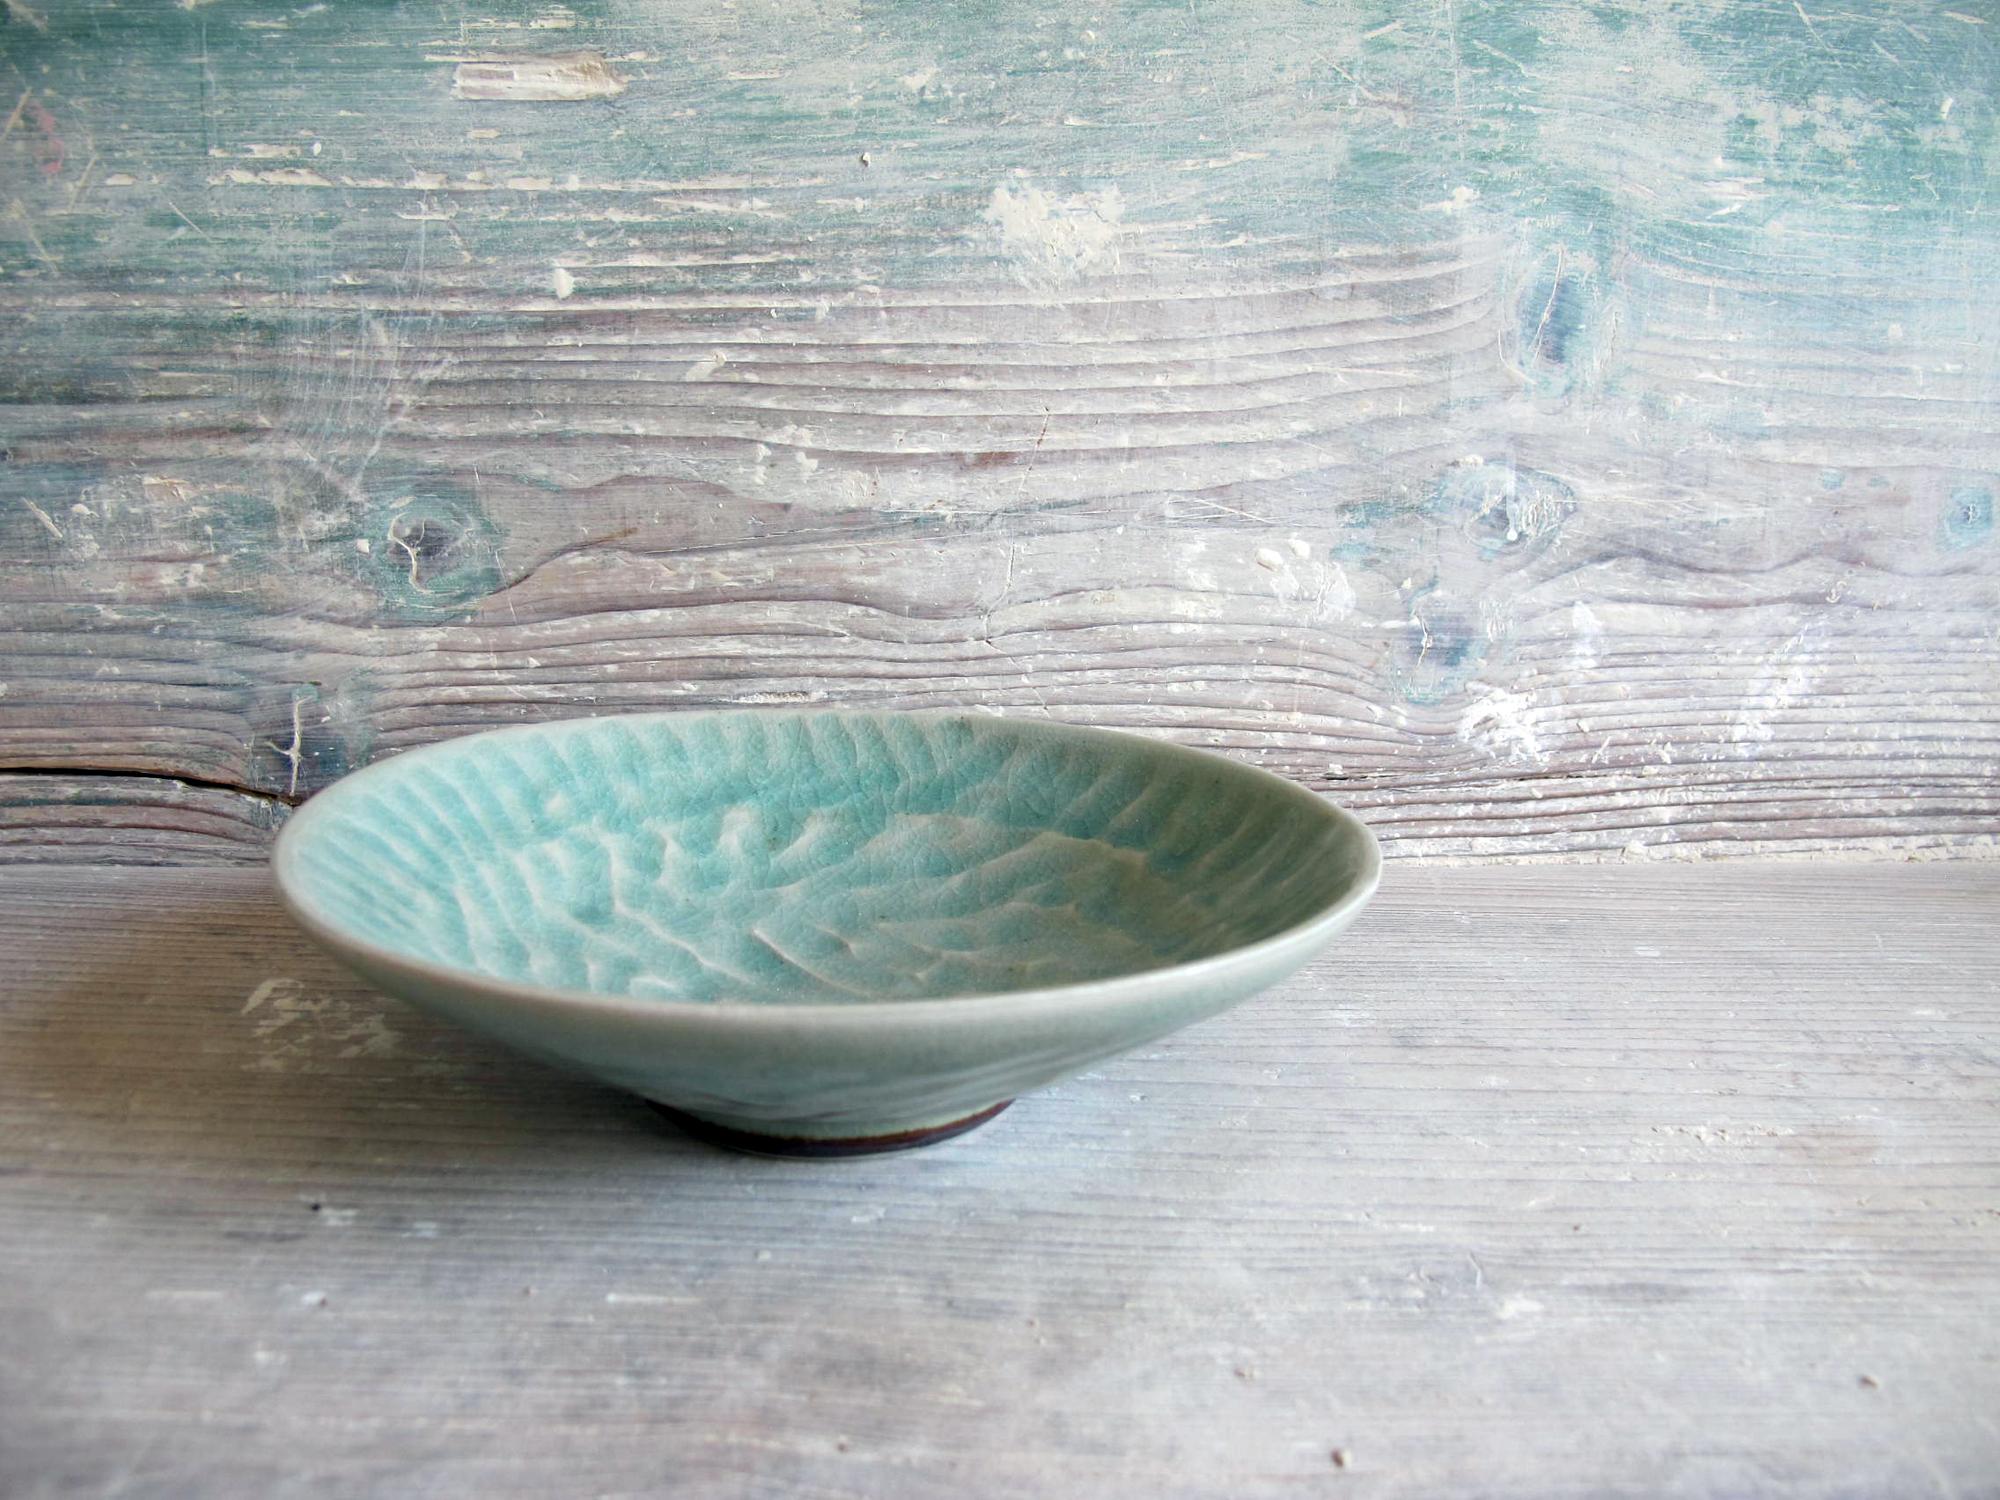 keramik_sturm-kerstan_1